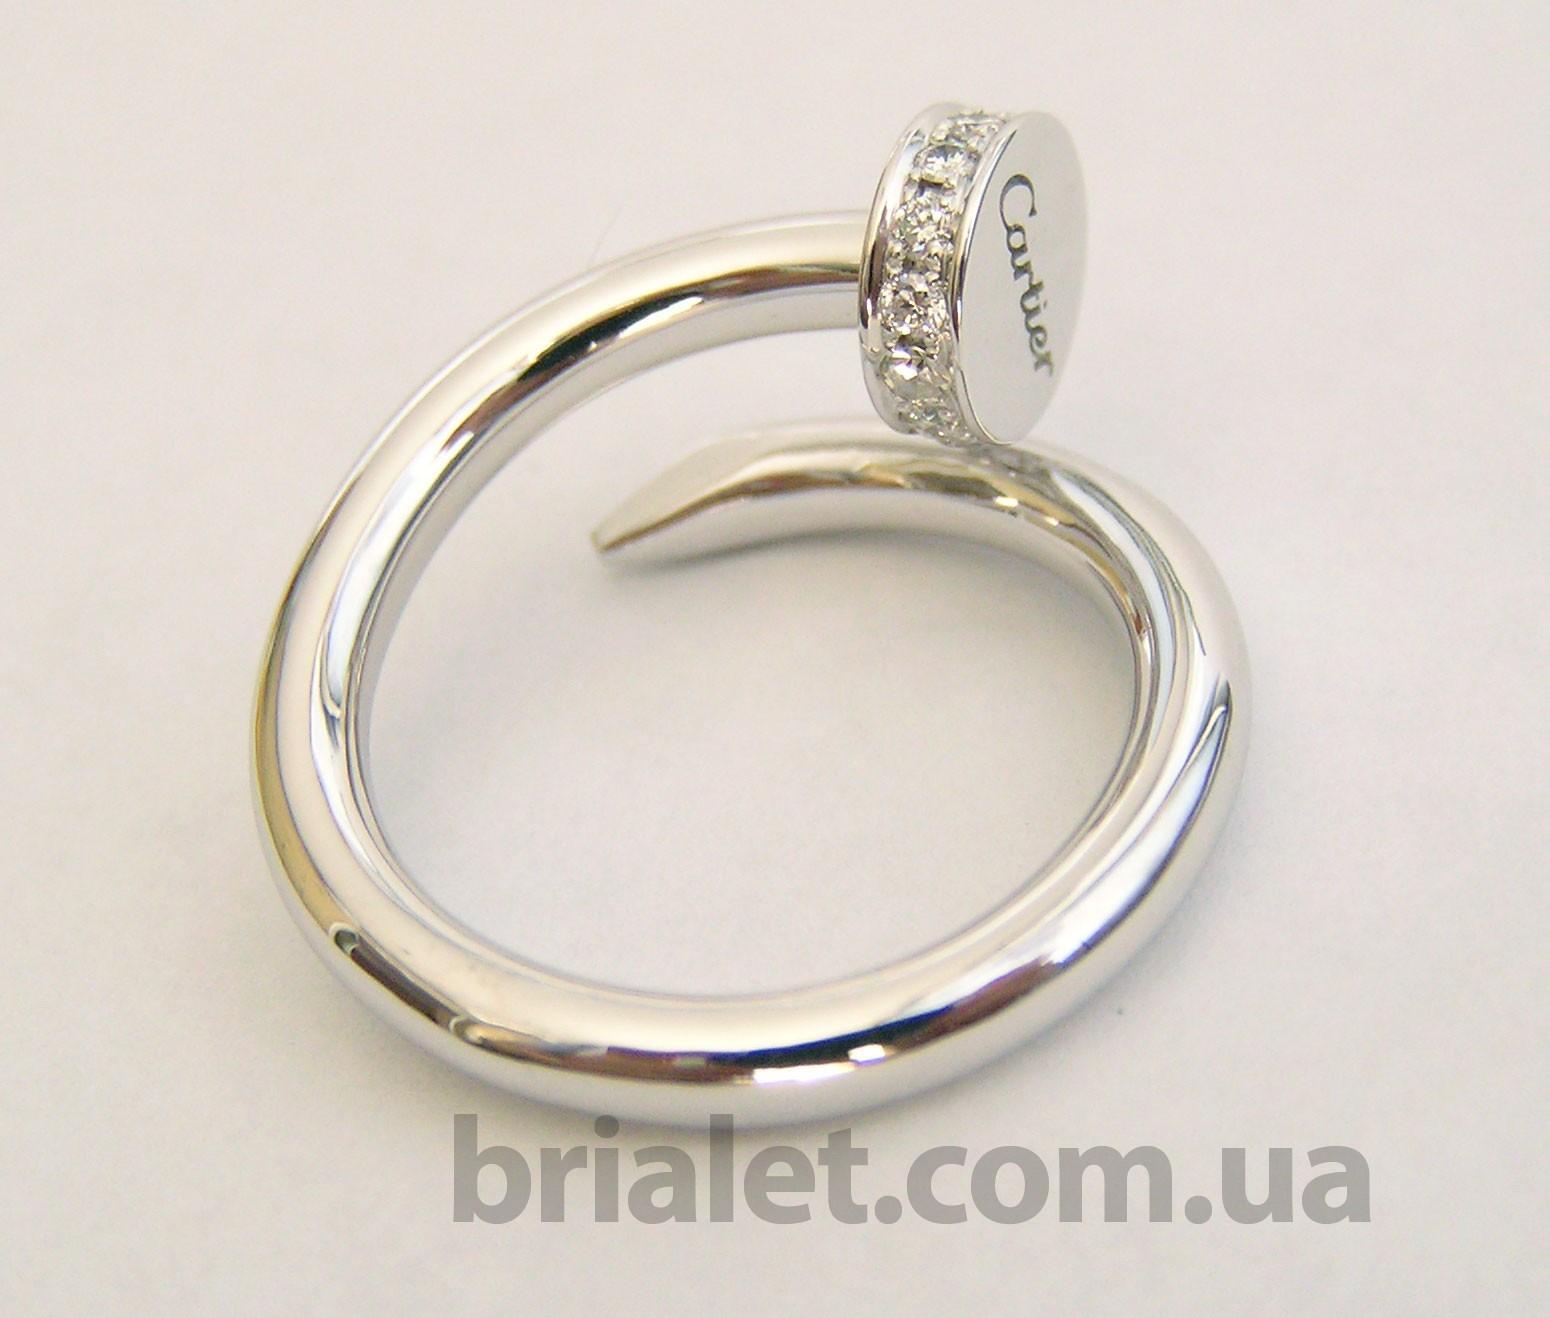 кольца известных брендов